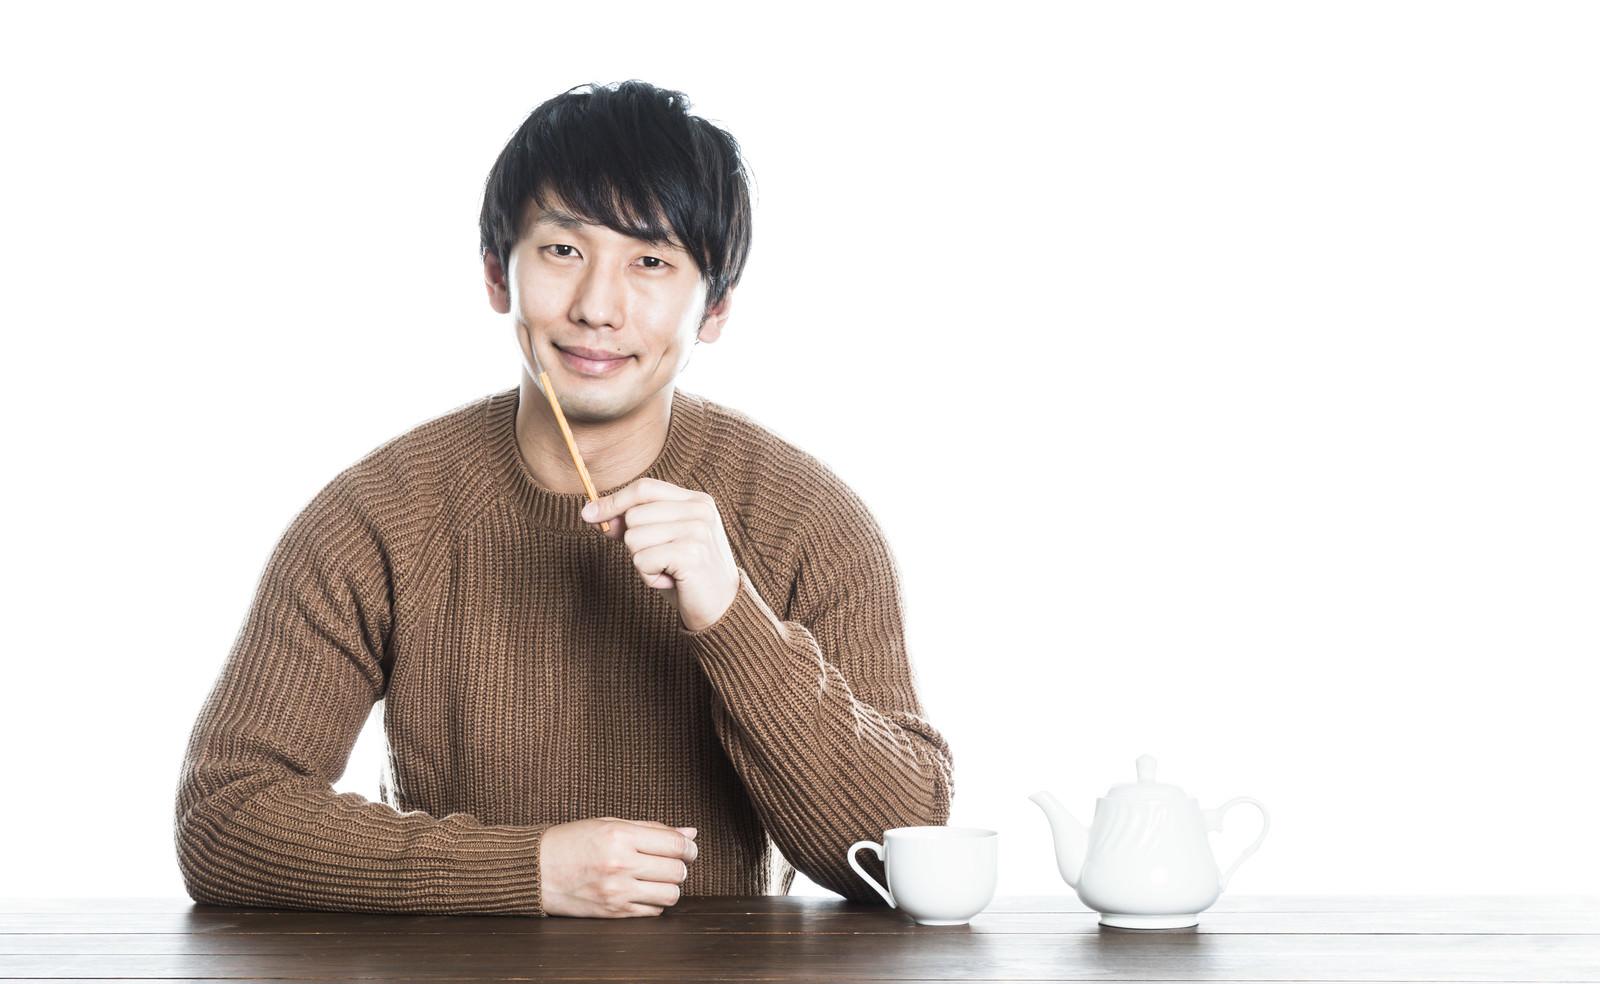 「コーヒーブレイク中のとっぽい男子コーヒーブレイク中のとっぽい男子」[モデル:大川竜弥]のフリー写真素材を拡大